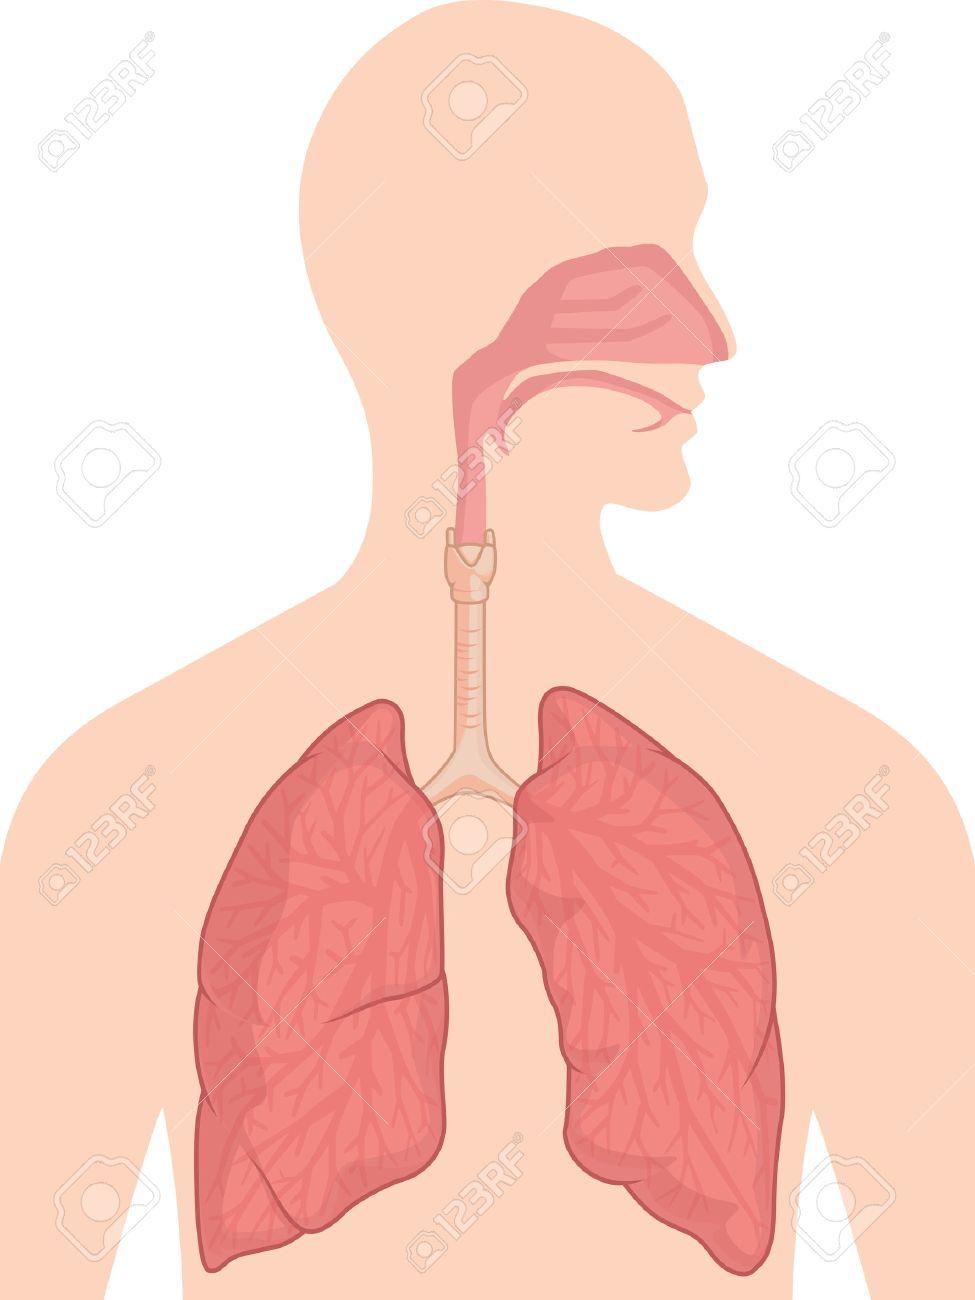 Menschlicher Körper Anatomie - Atmungssystem Lizenzfrei Nutzbare ...